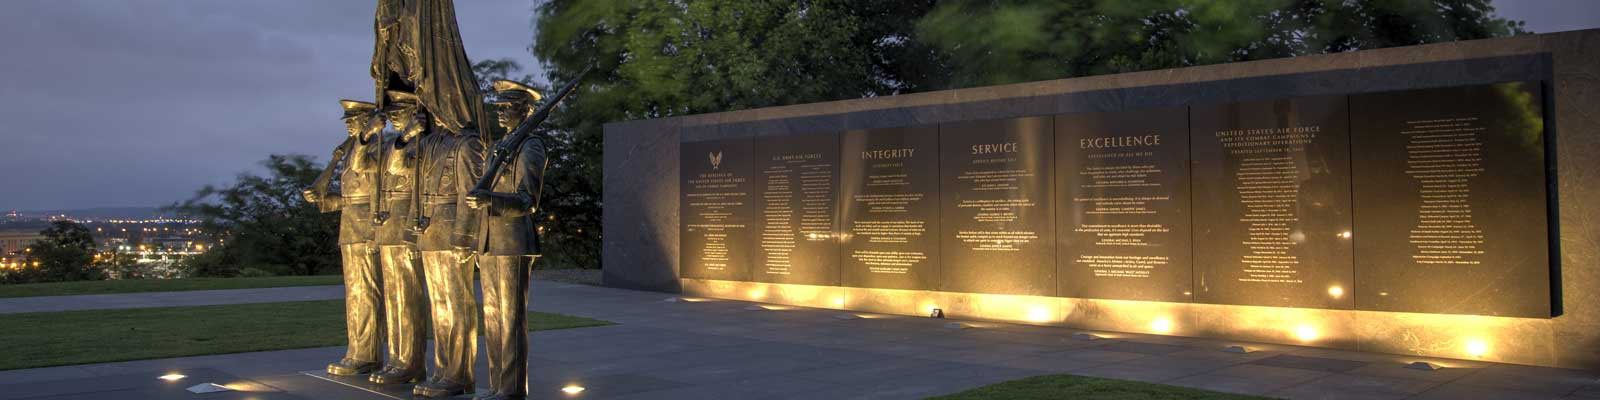 Pictured: Honor Guard Memorial in Arlington, Virginia.